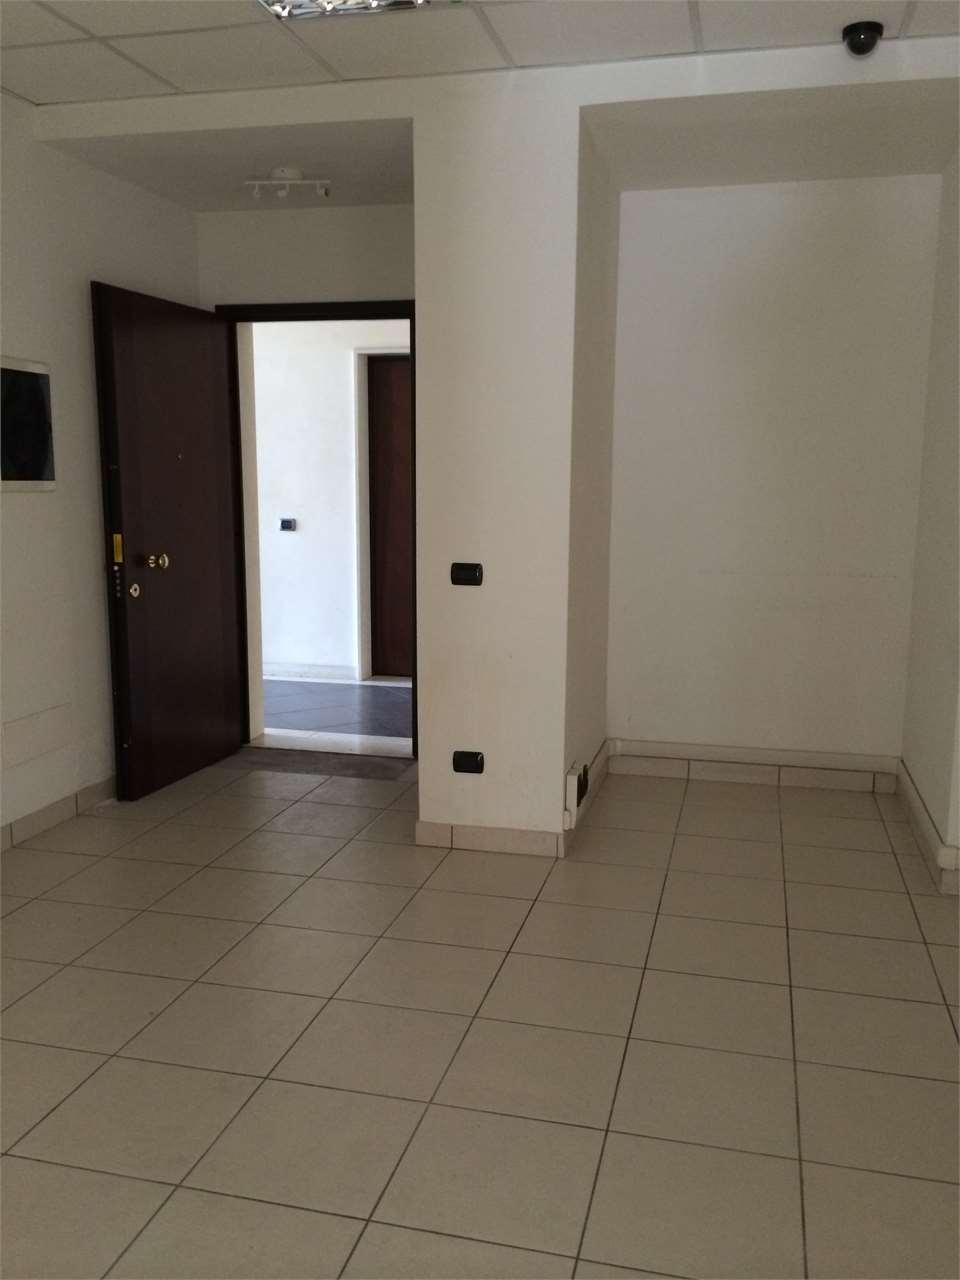 Ufficio / Studio in vendita a Modena, 2 locali, zona Zona: San Faustino, prezzo € 75.000 | CambioCasa.it